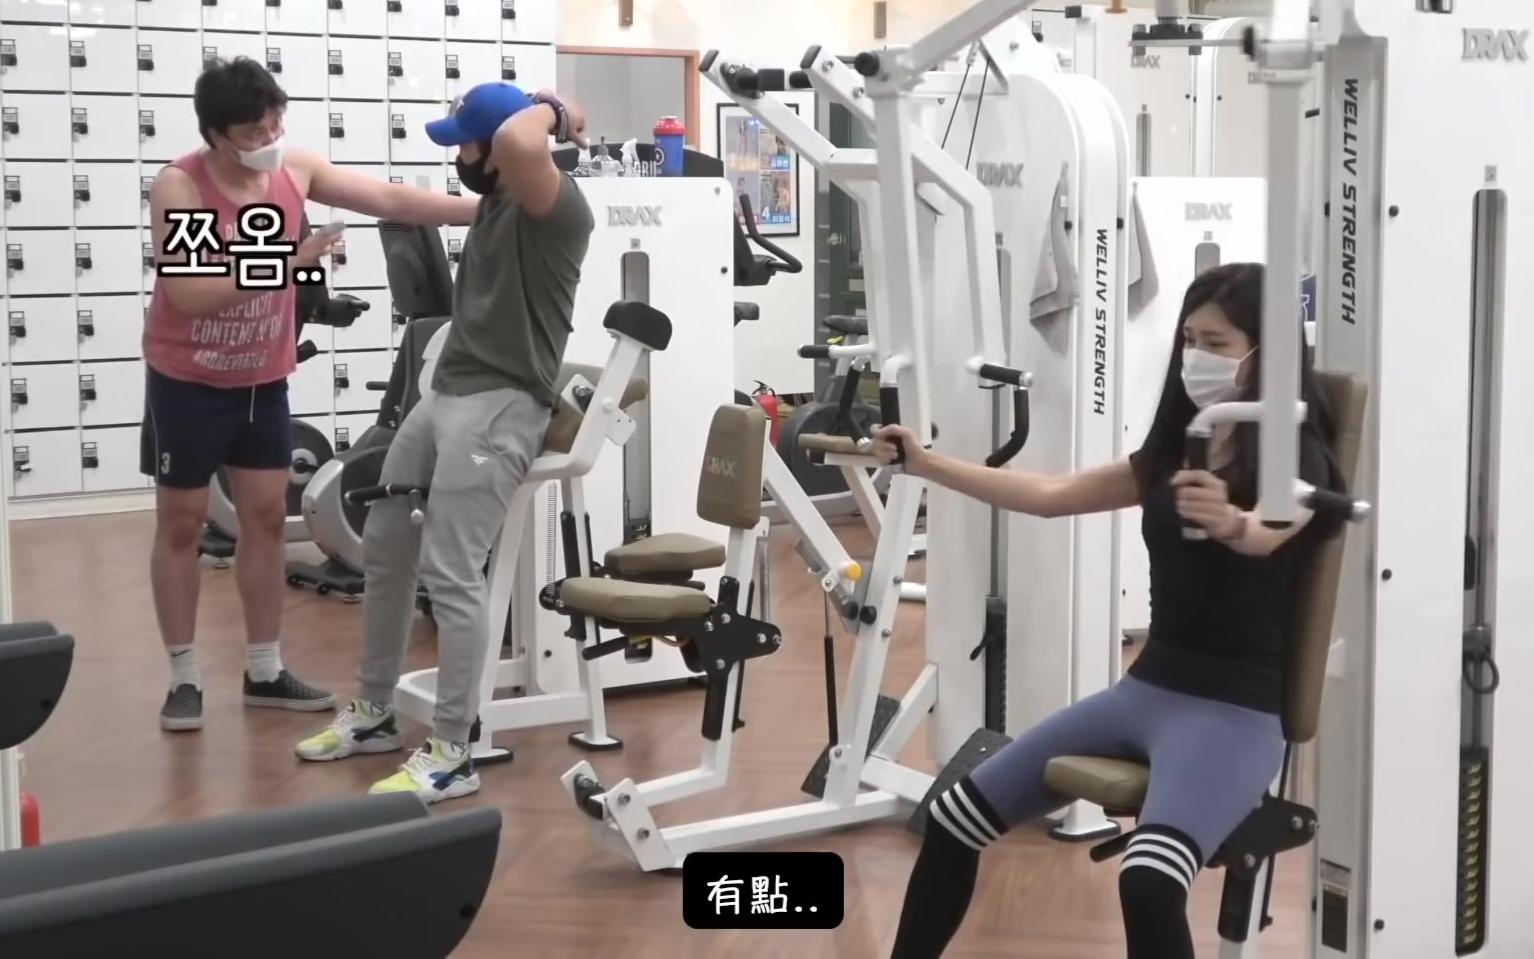 【爆笑隐藏摄像机】充满基情的健身房特训 ep02